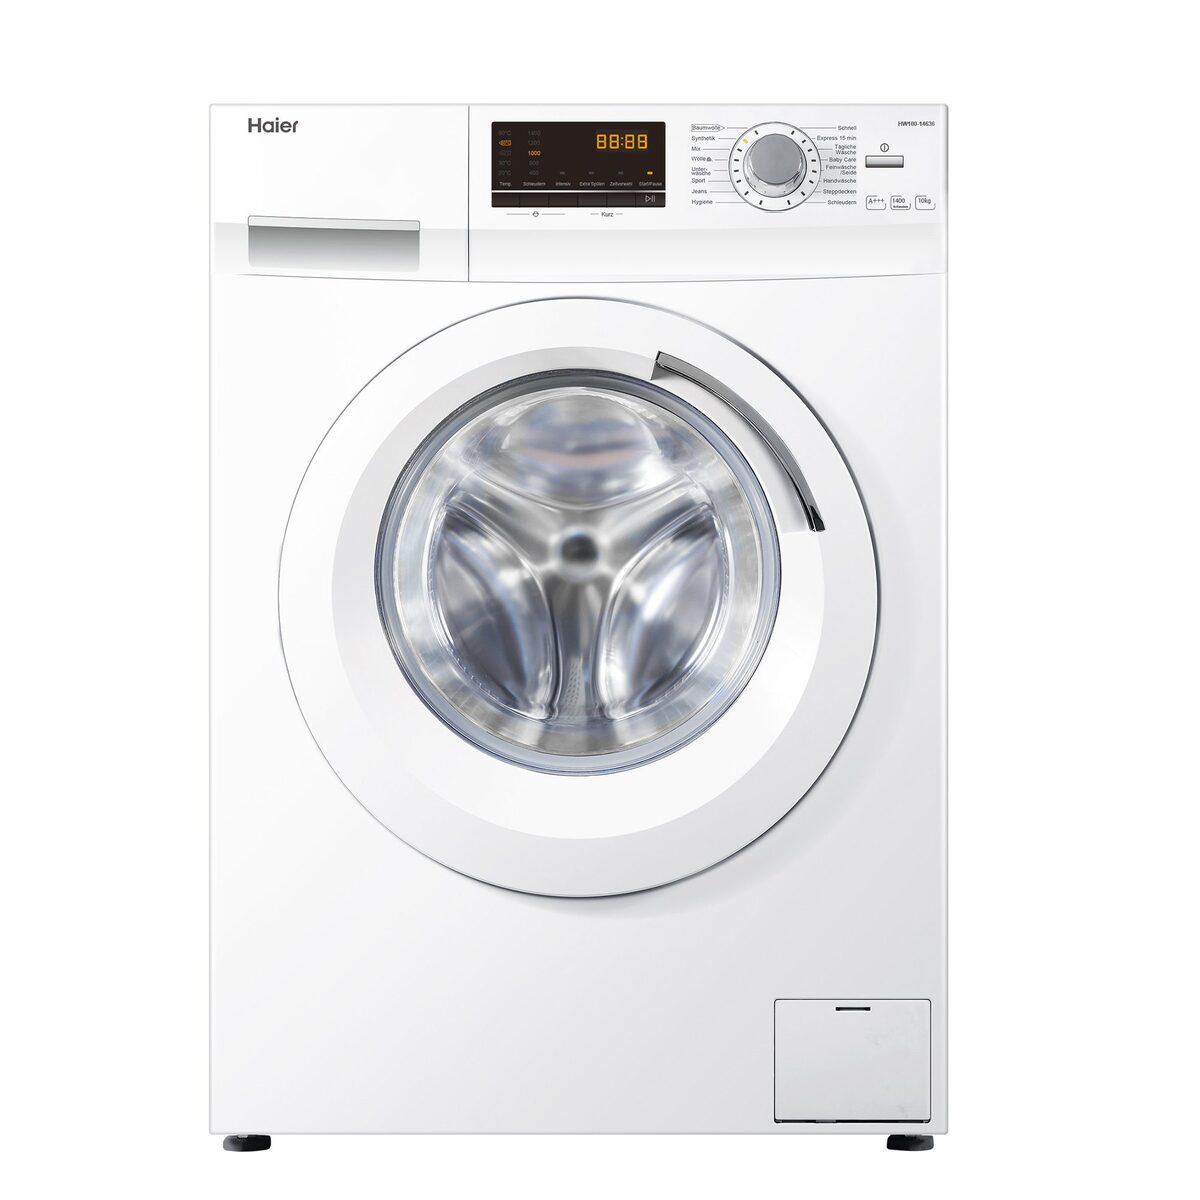 Bild 1 von Haier Waschmaschine HW100-14636, 10 kg, 1400 U/Min, AquaProtect Schlauch Woolmark-zertifiziertes Wollwaschprogramm